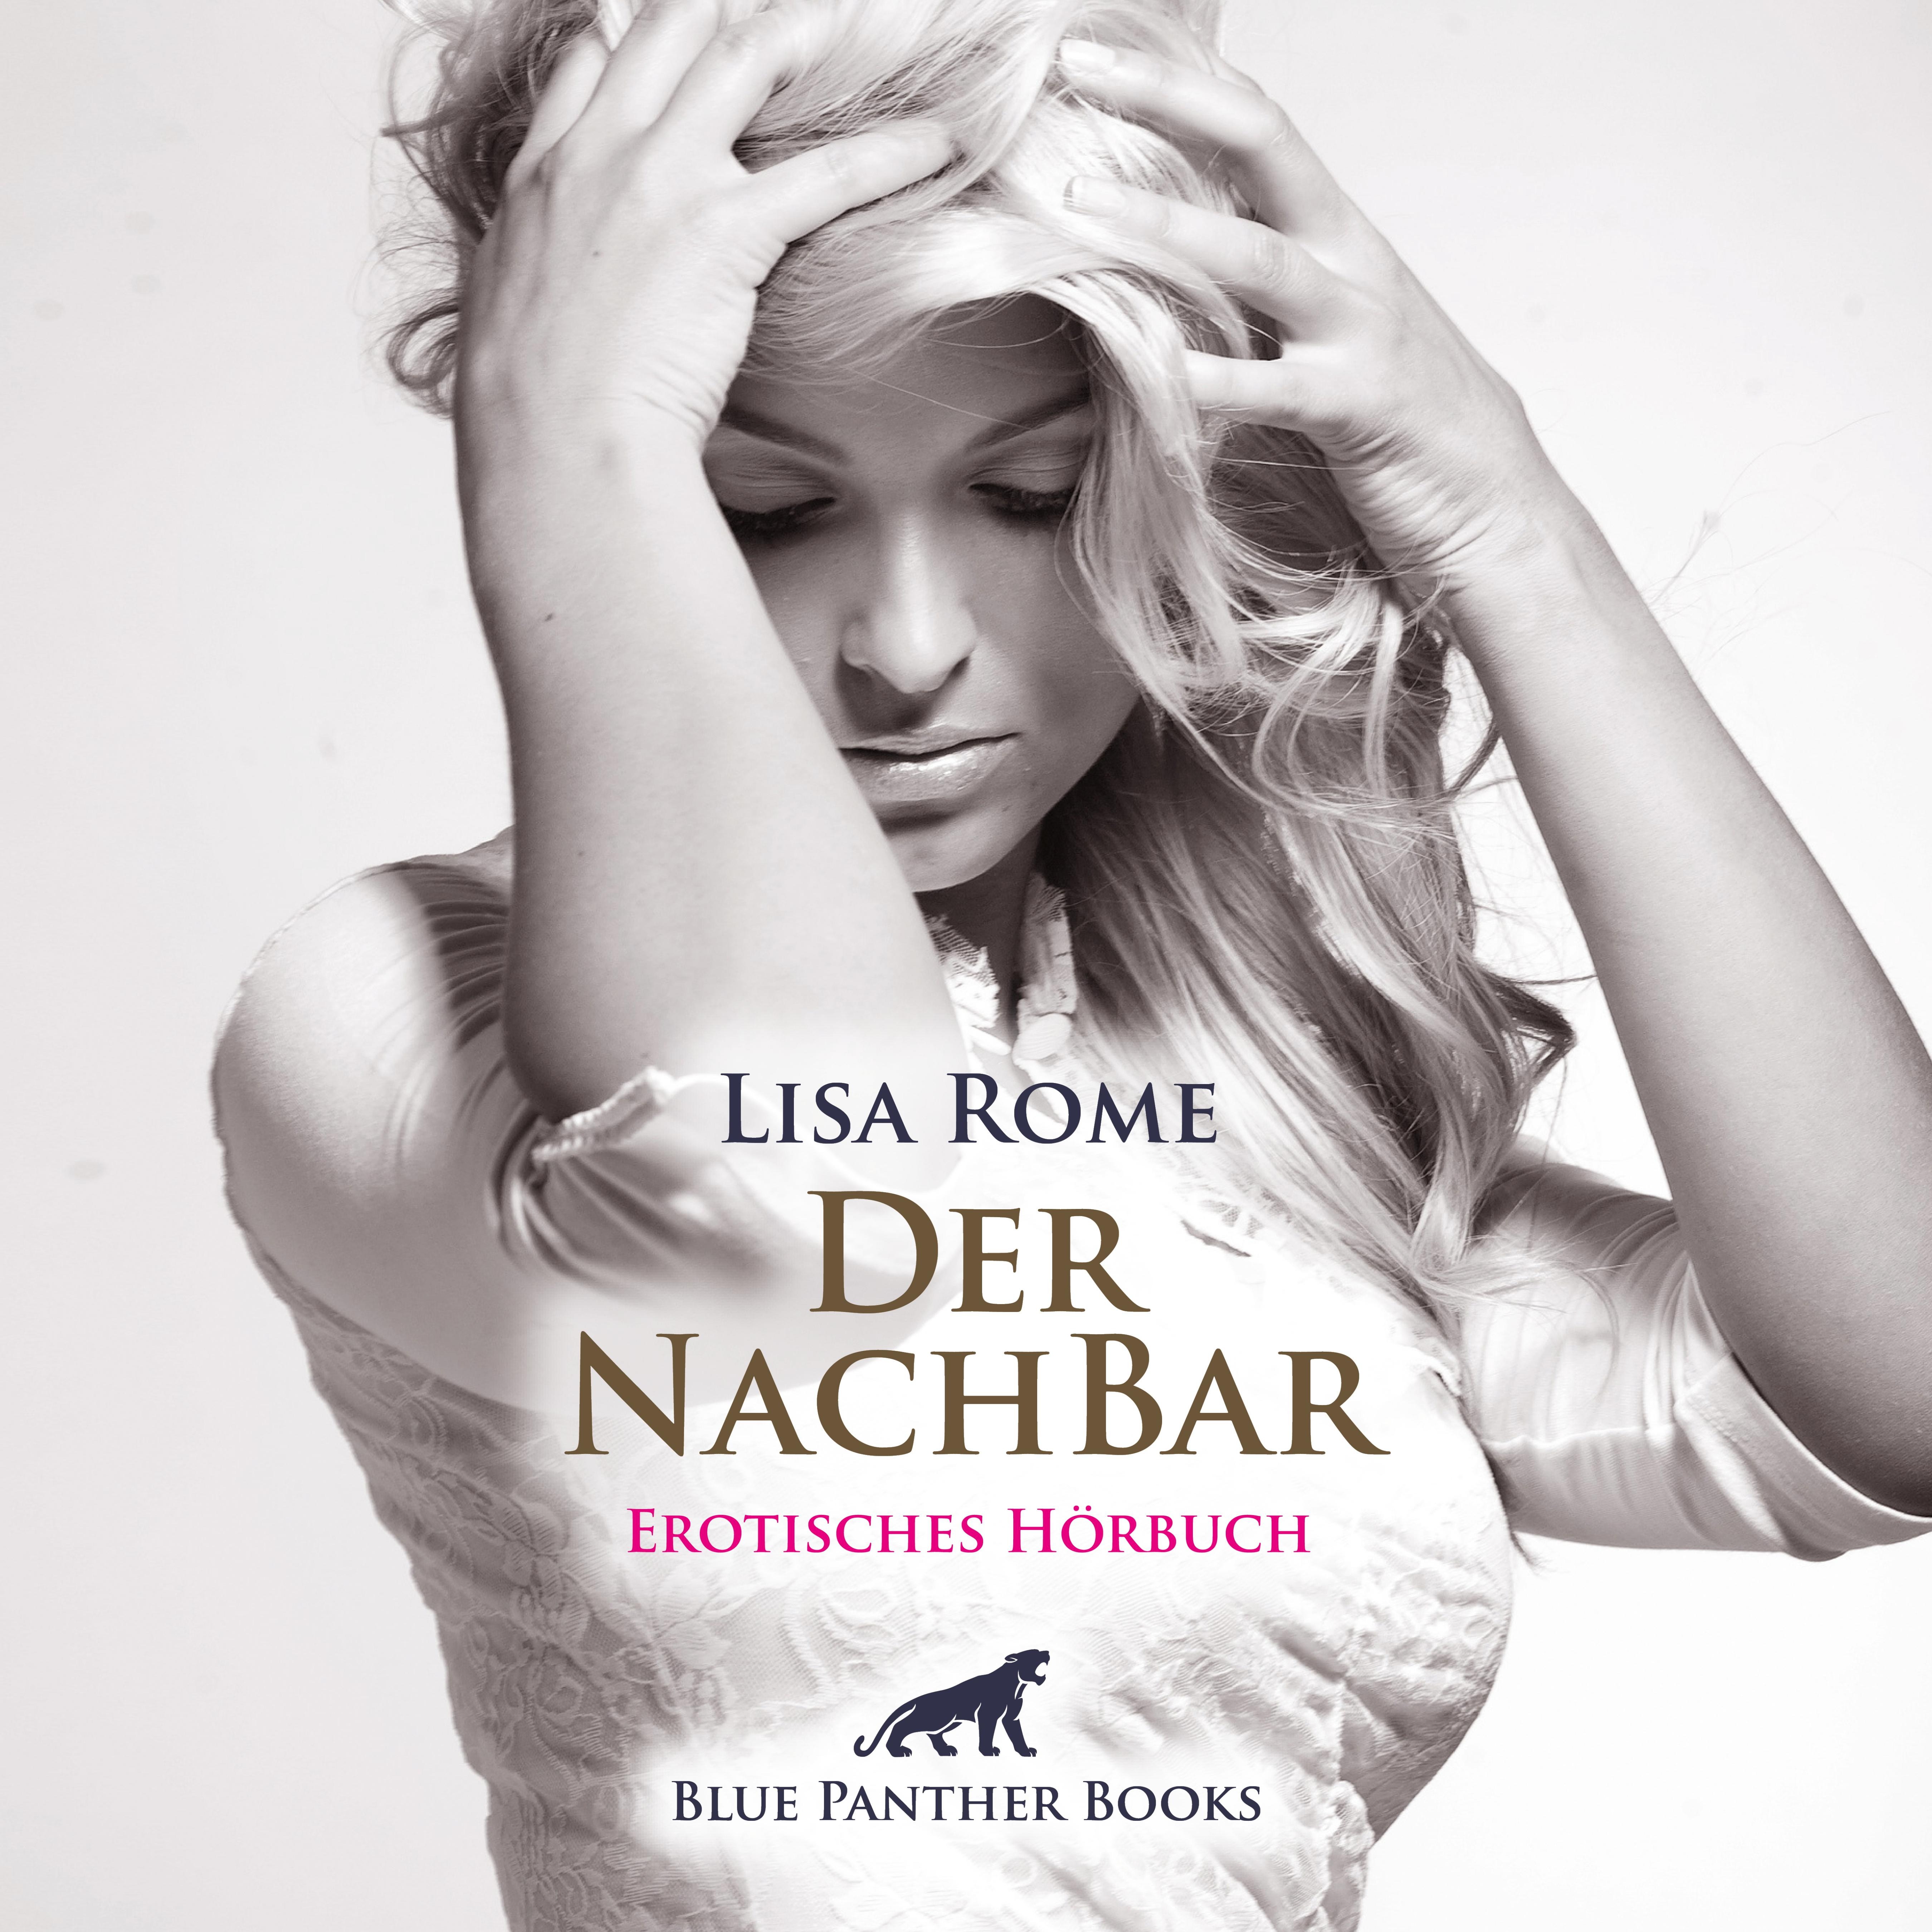 Sexgeschichten vom Feinsten - Erotisch prickelnd und geil (German Edition)